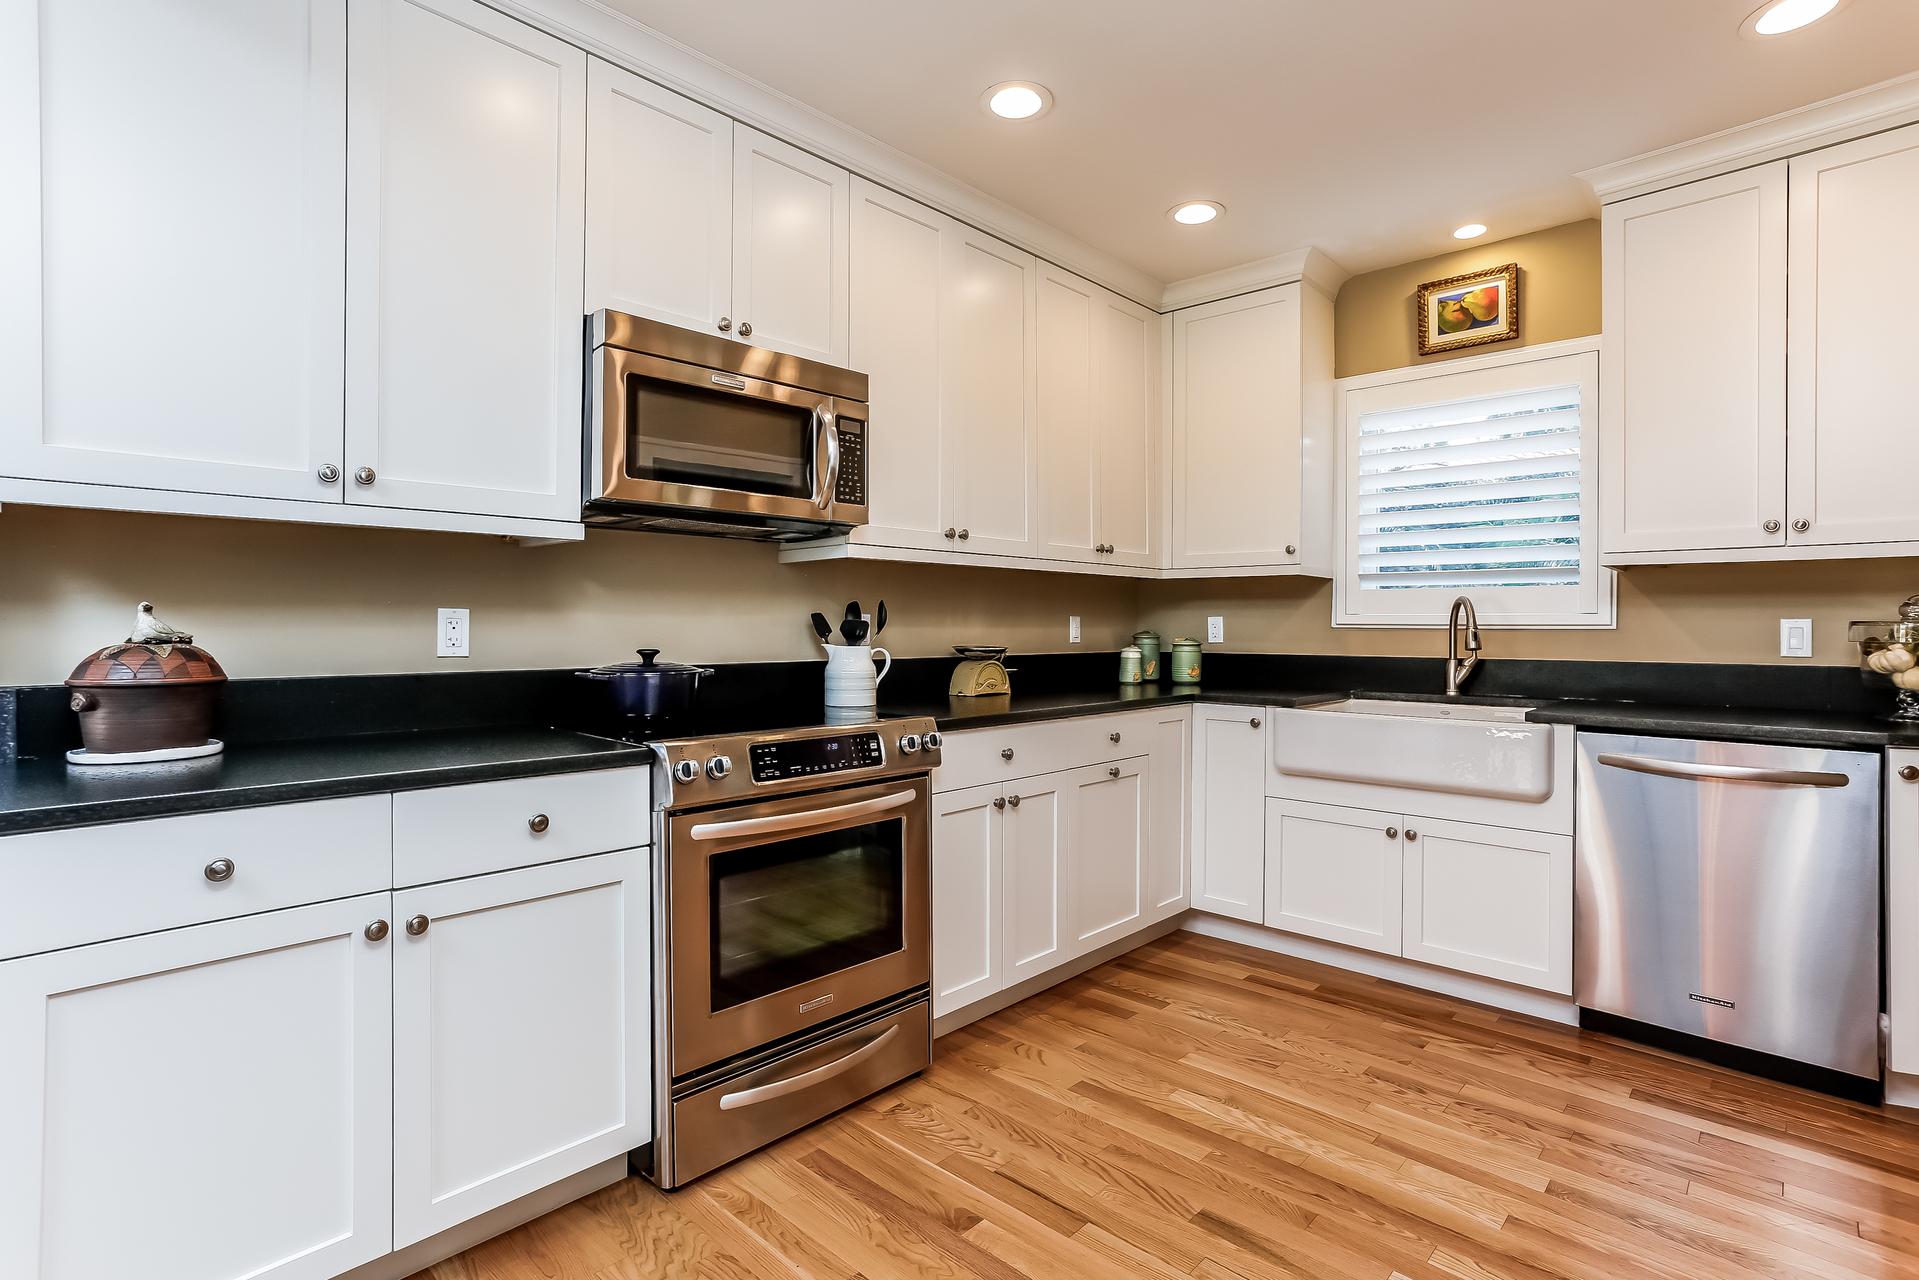 015-Kitchen-2647613-medium.jpg